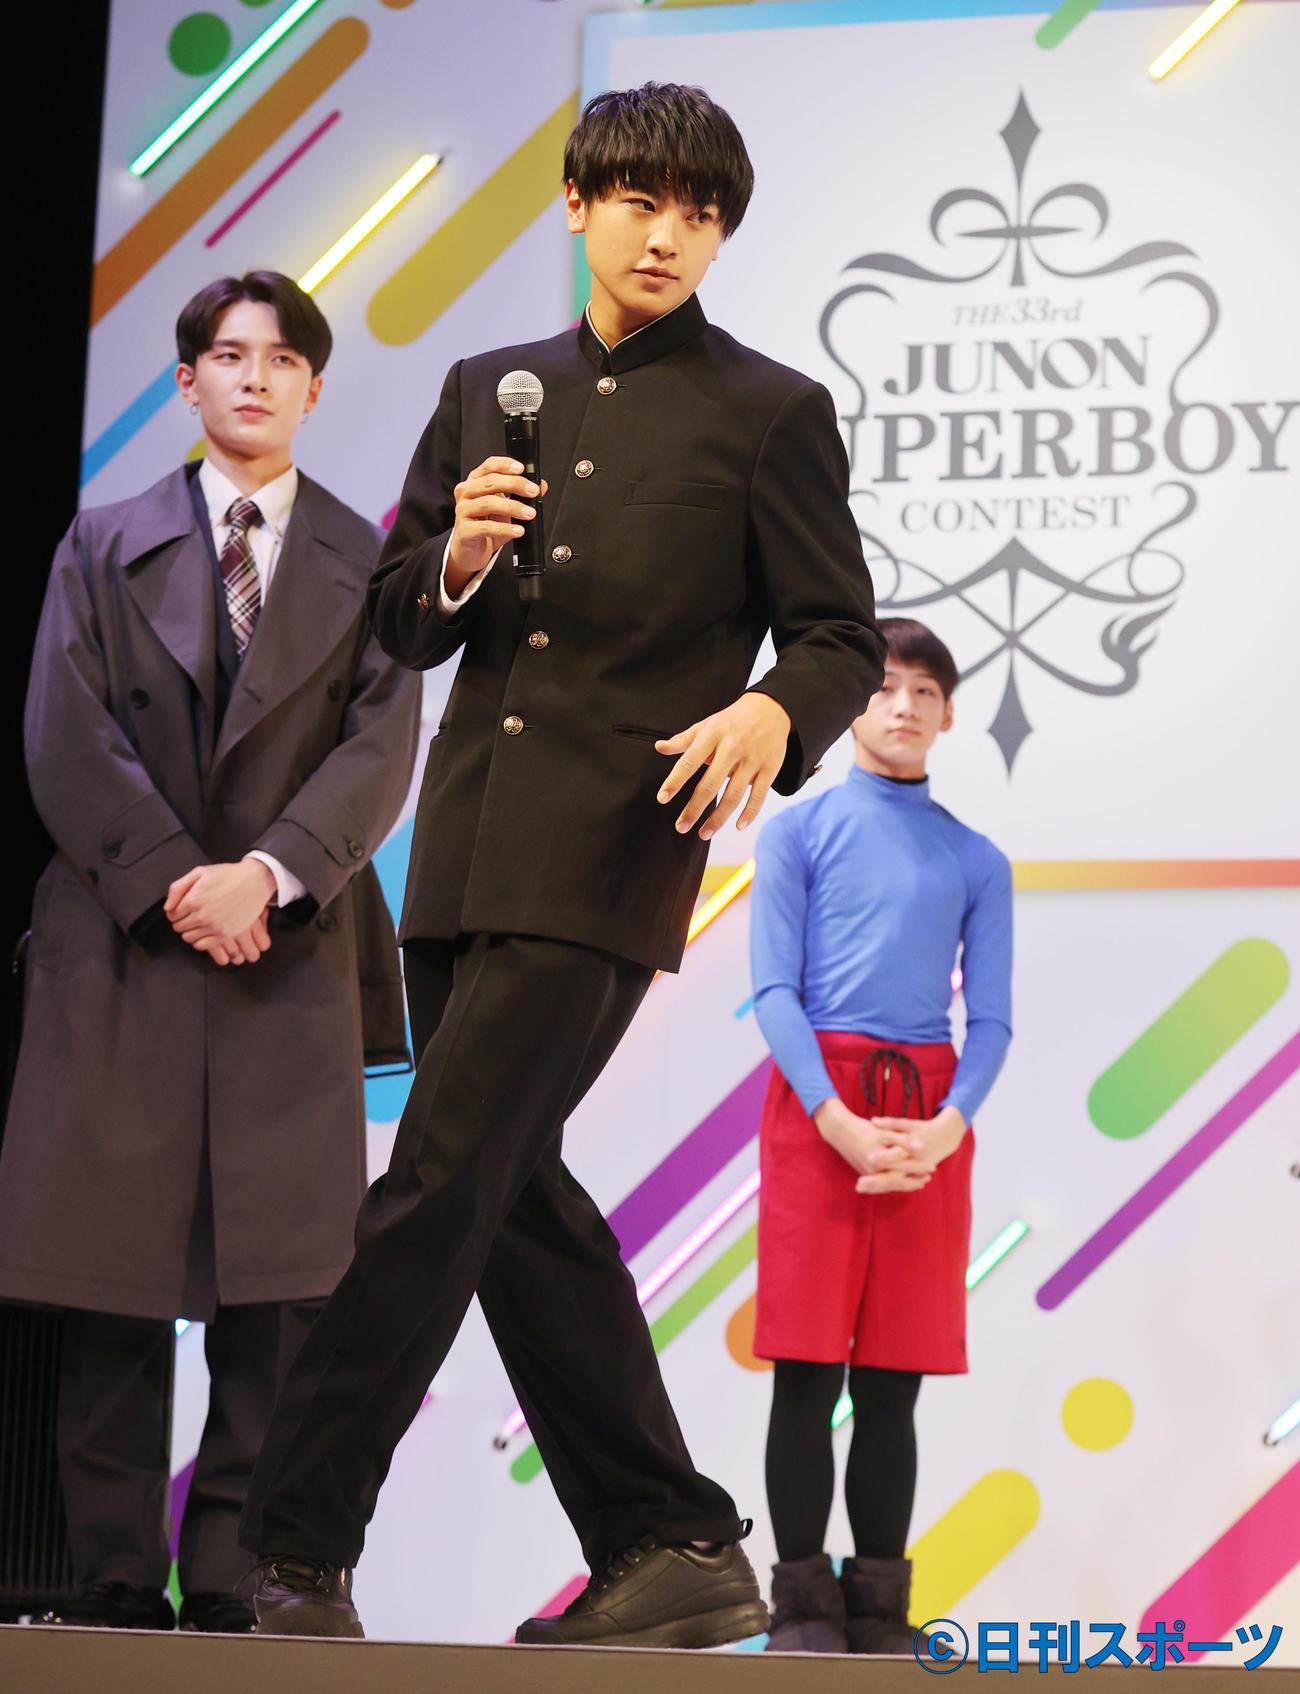 第33回ジュノン・スーパーボーイコンテストでグランプリに輝いた前川佑さん(撮影・野上伸悟)